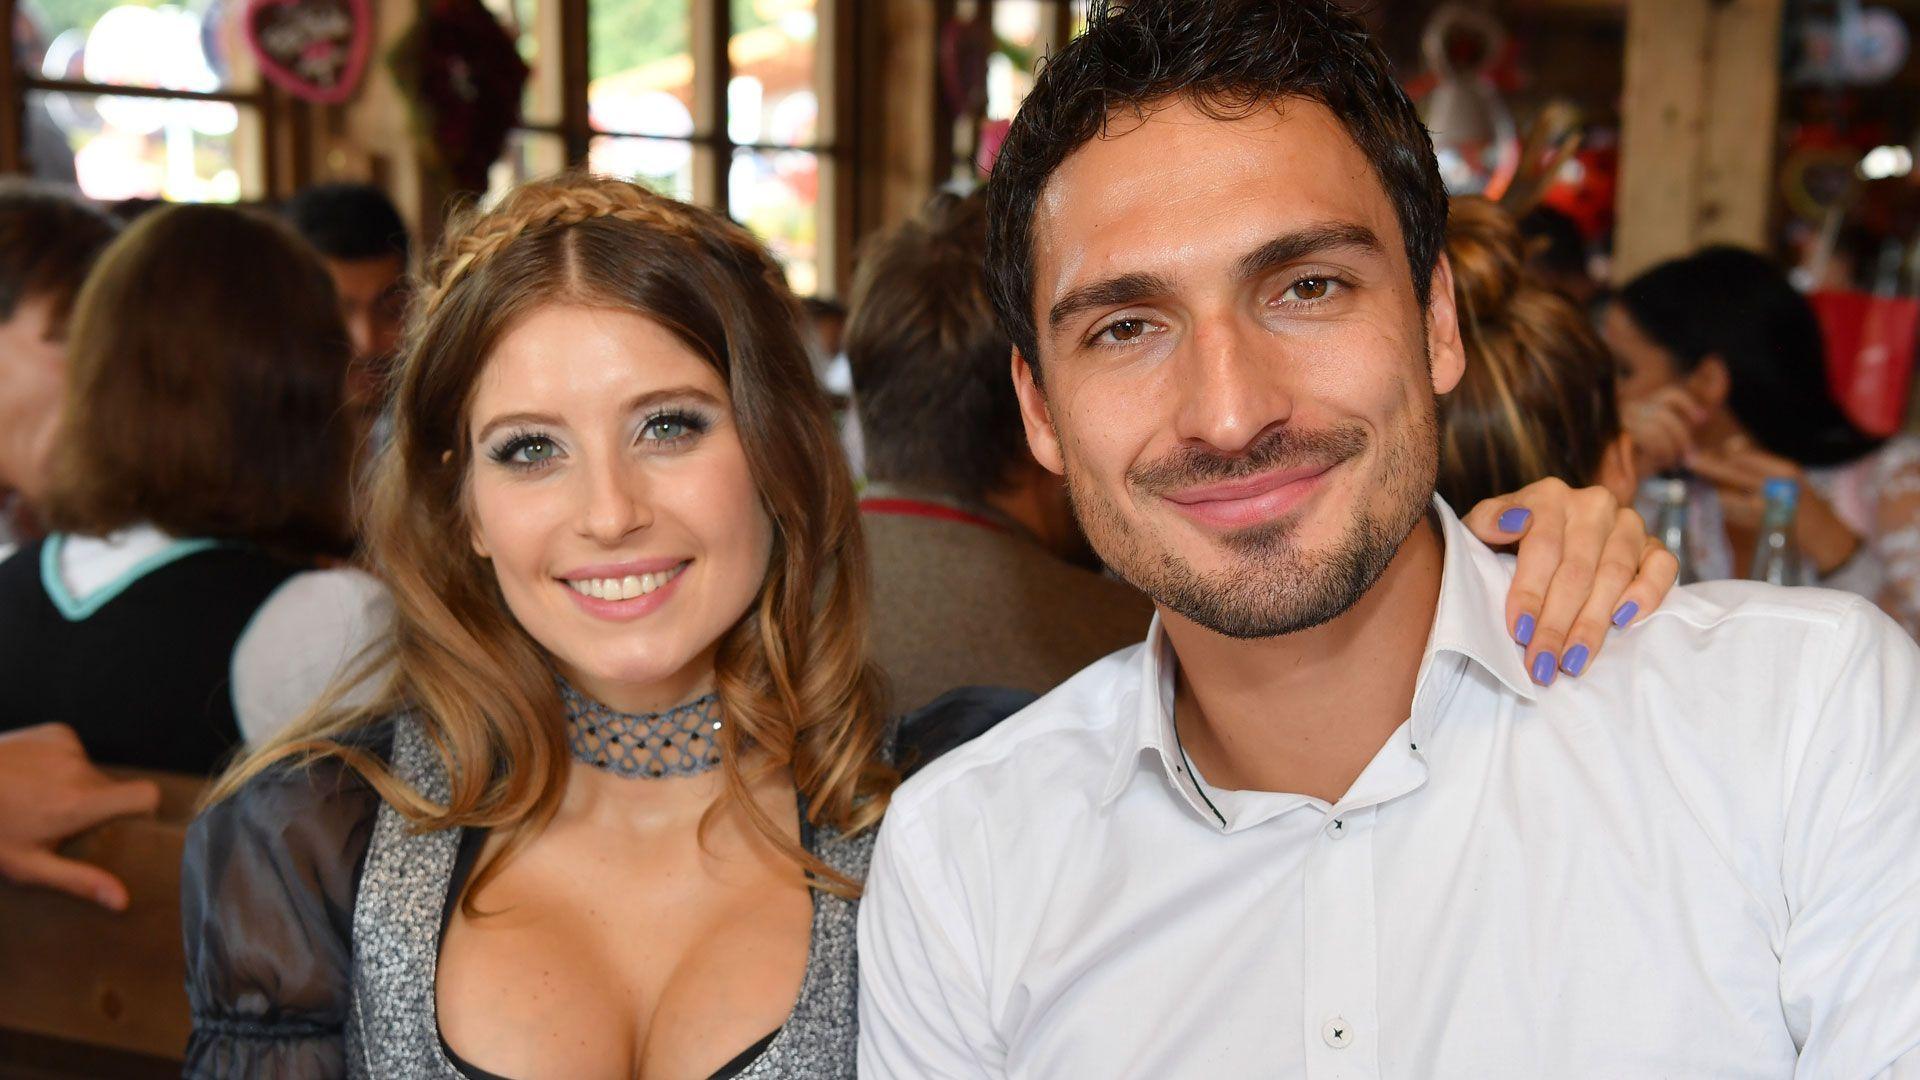 Trotz Trennungsgerüchten: Cathy und Mats Hummels zeigen sich gemeinsam